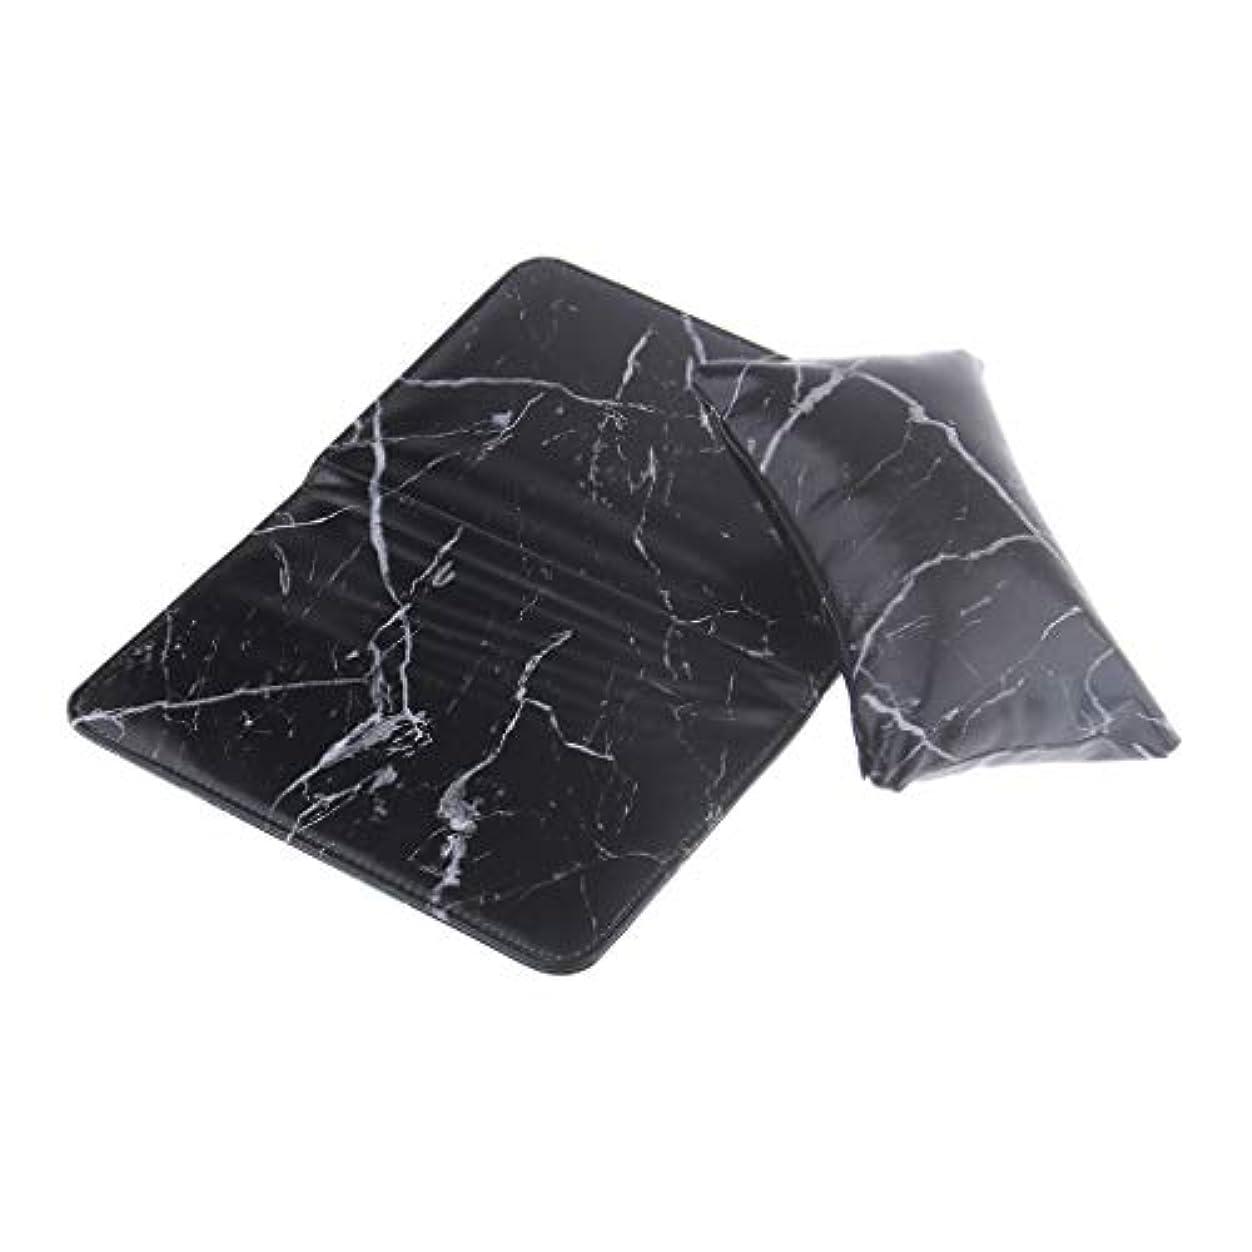 矛盾時間つづりSM SunniMix ネイルアート ハンドクッションピロー 折りたたみ式パッド アームレストホルダー PUレザー 2色選べ - ブラック